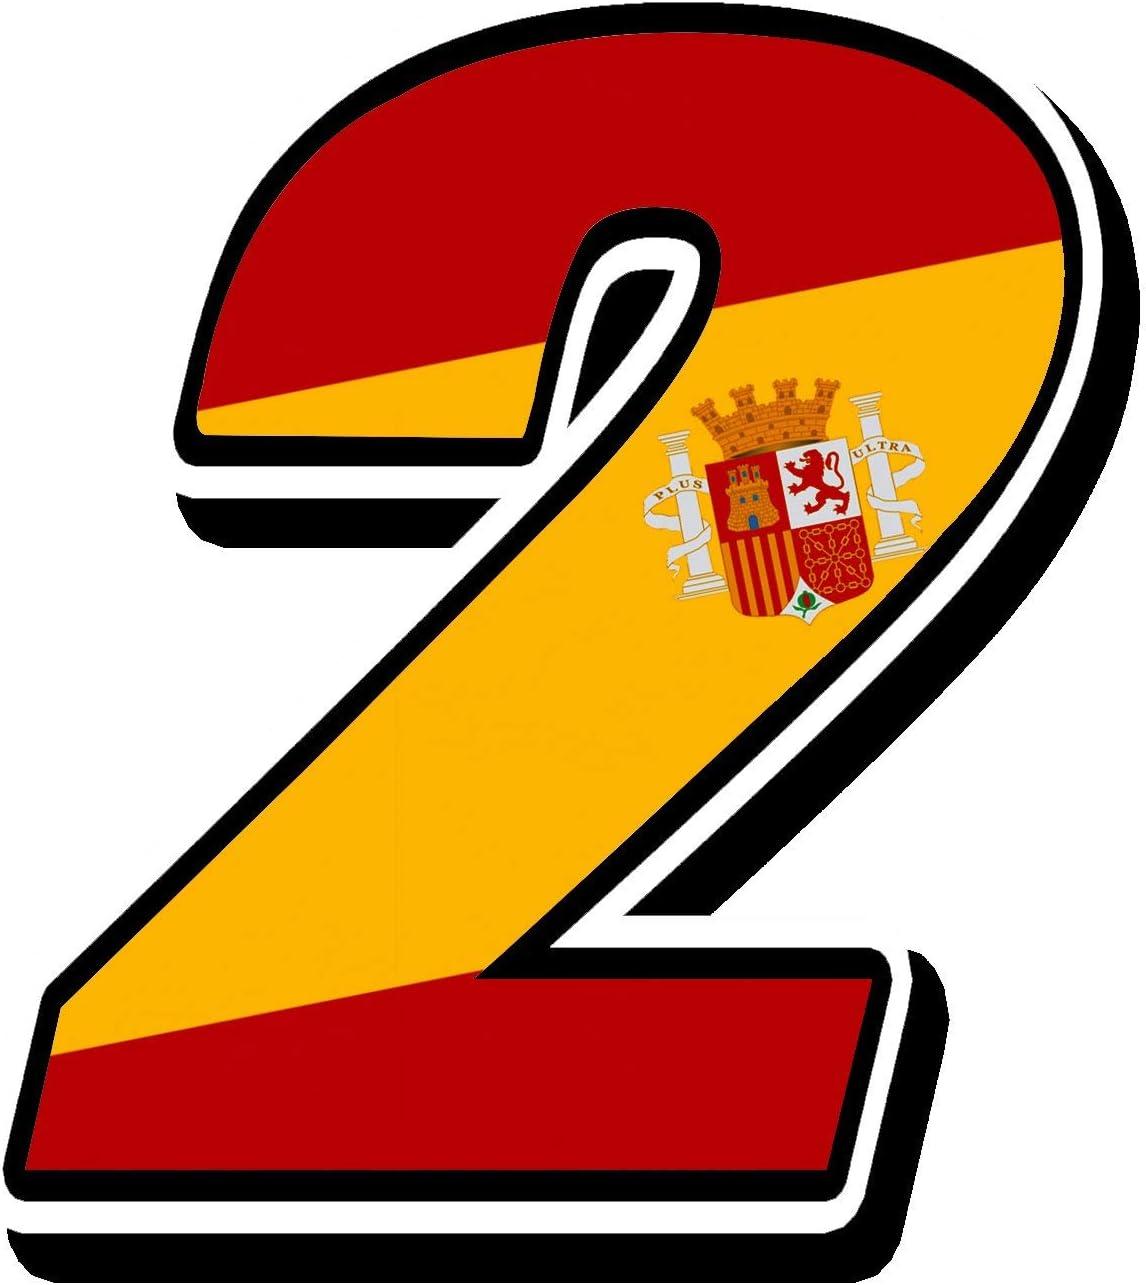 Biomar Labs® Número 2 Bandera Nacional España Spain Calavera Vinilo Adhesivo Pegatina Coche Auto Motocross Moto Sport Start Racing Tuning N 282: Amazon.es: Coche y moto